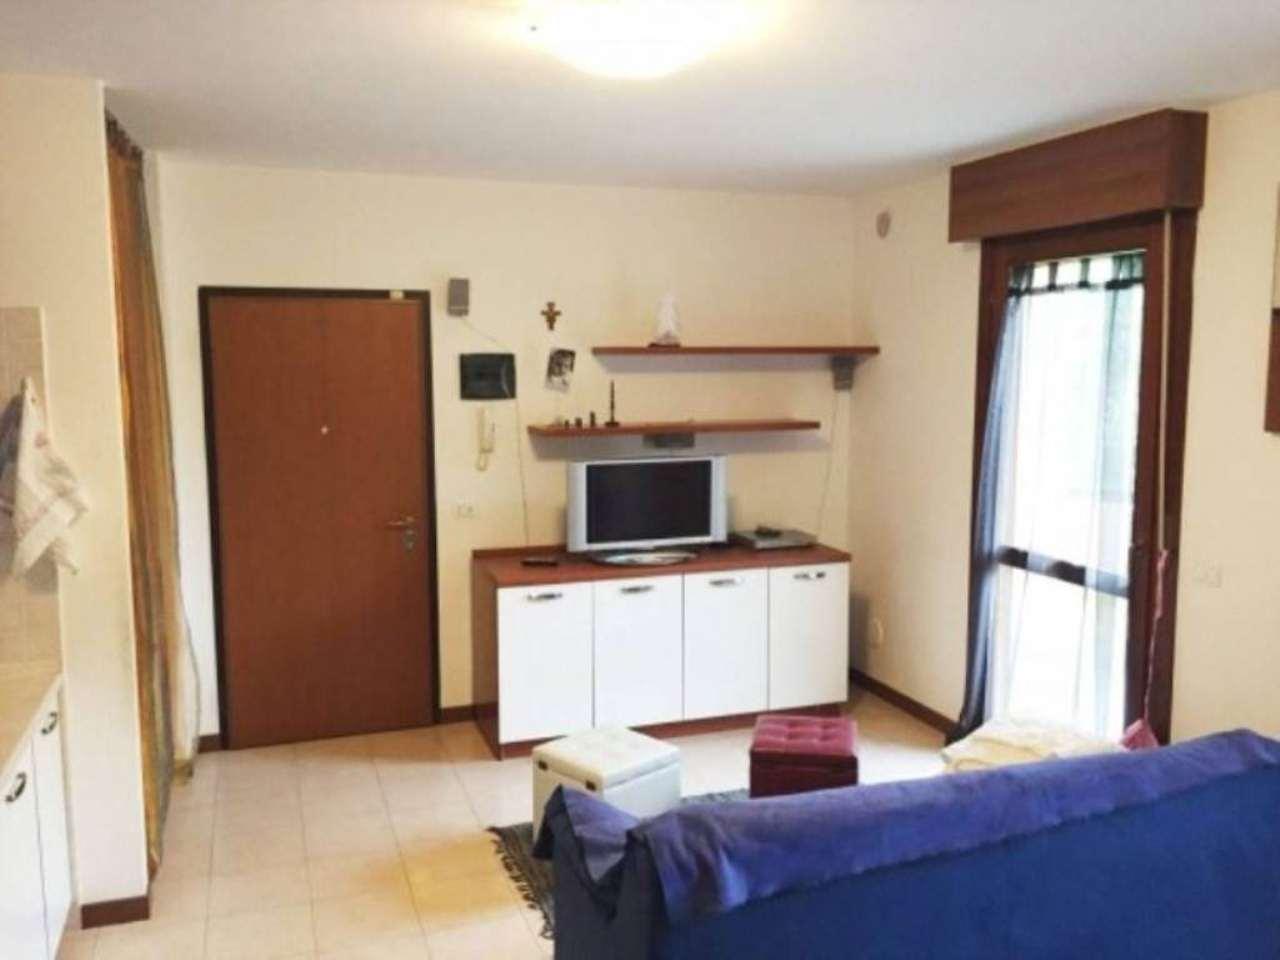 Appartamento in vendita a Mira, 2 locali, prezzo € 85.000 | Cambio Casa.it